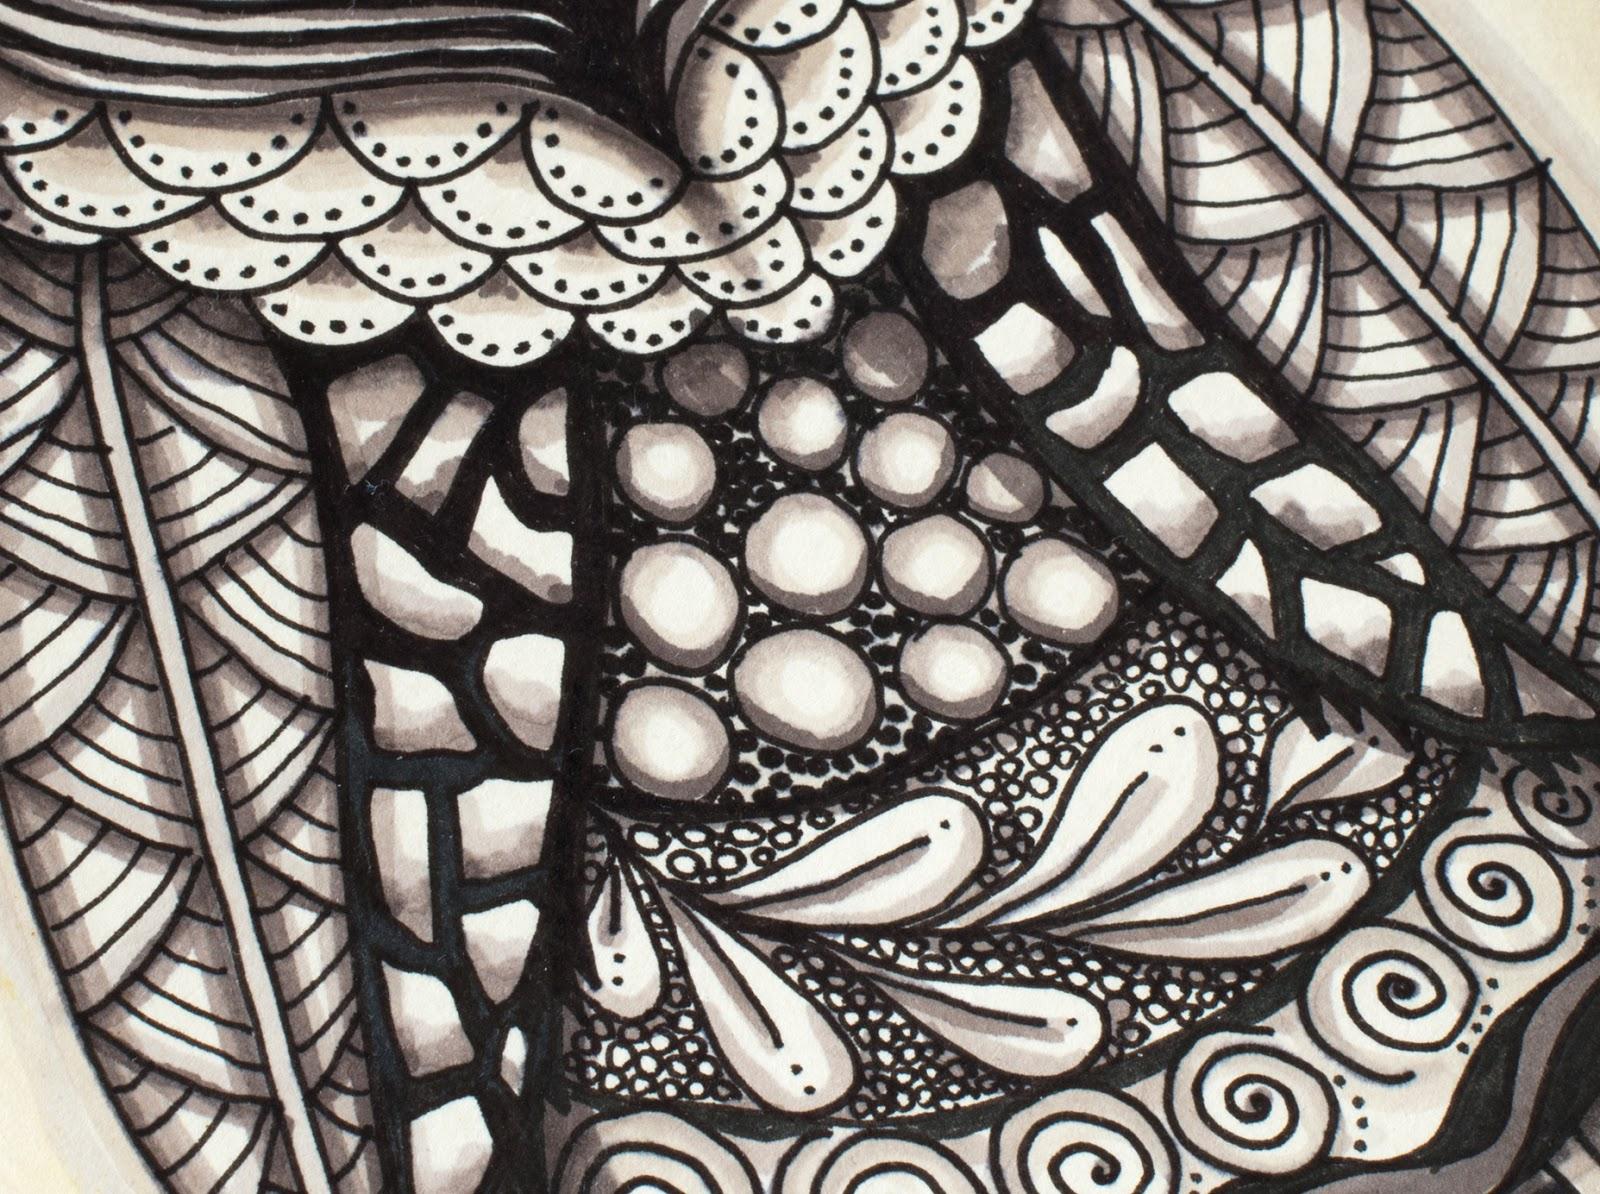 Zentangle textures